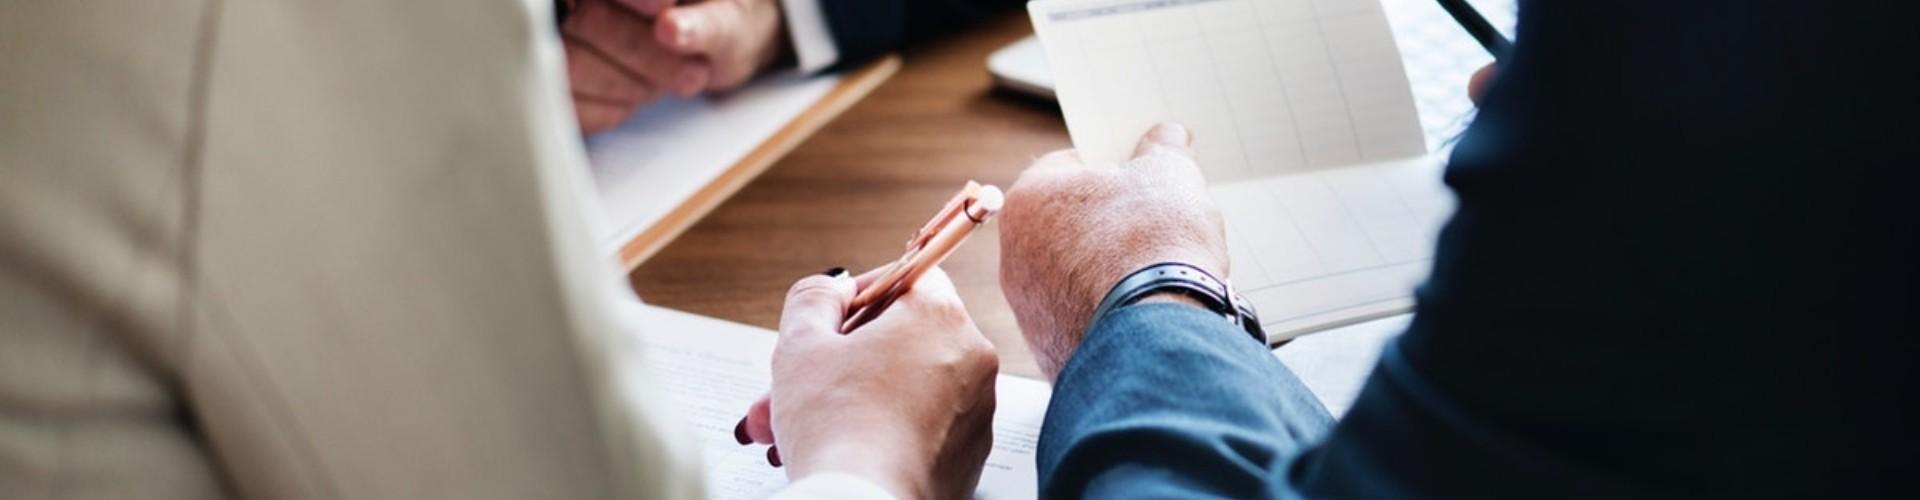 Praca w służbie cywilnej - gdzie szukać ofert + 10 porad jak ją zdobyć